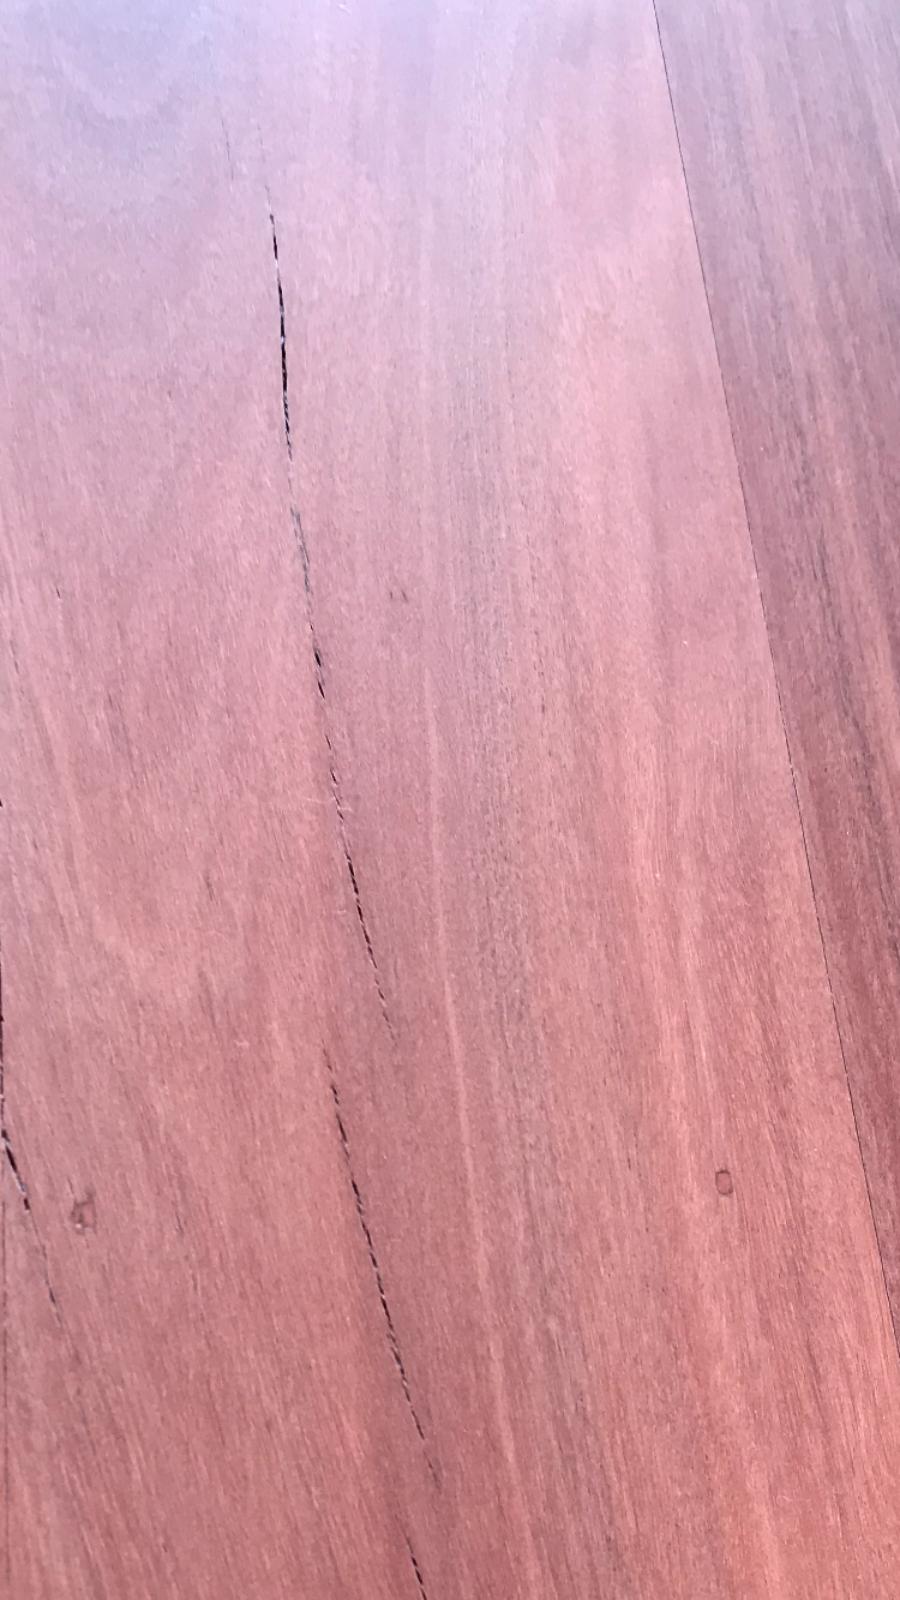 Turpentine floors